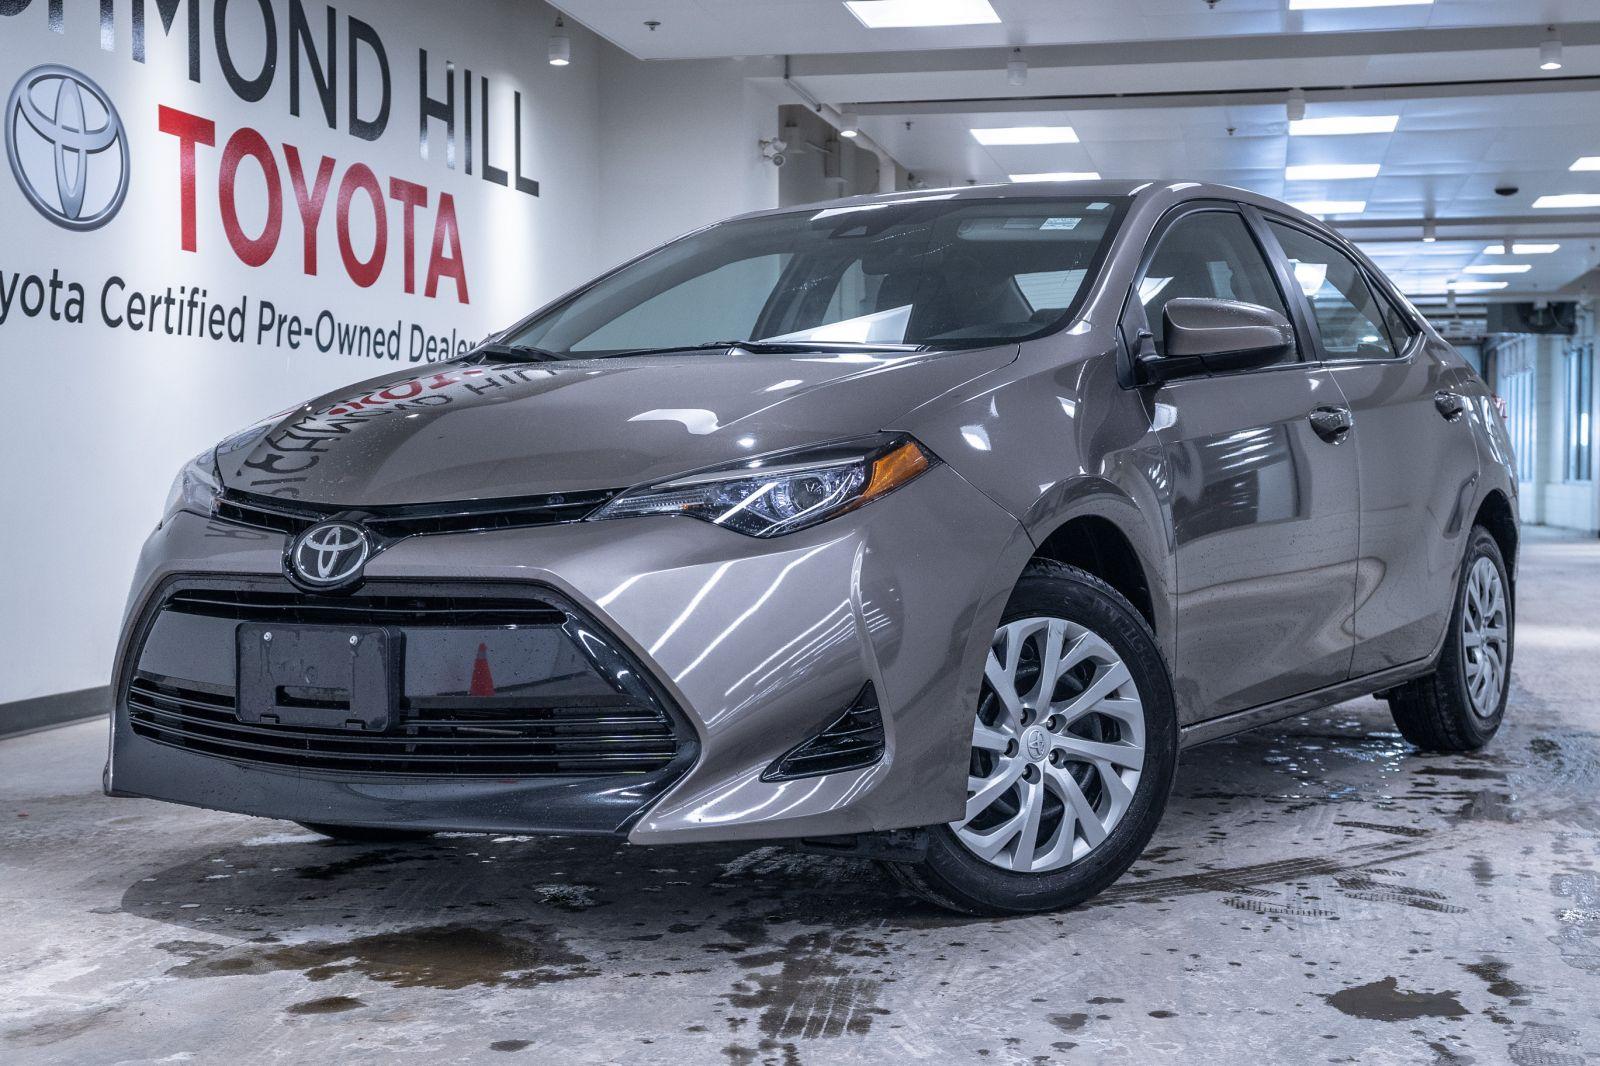 2018 Toyota Corolla Image